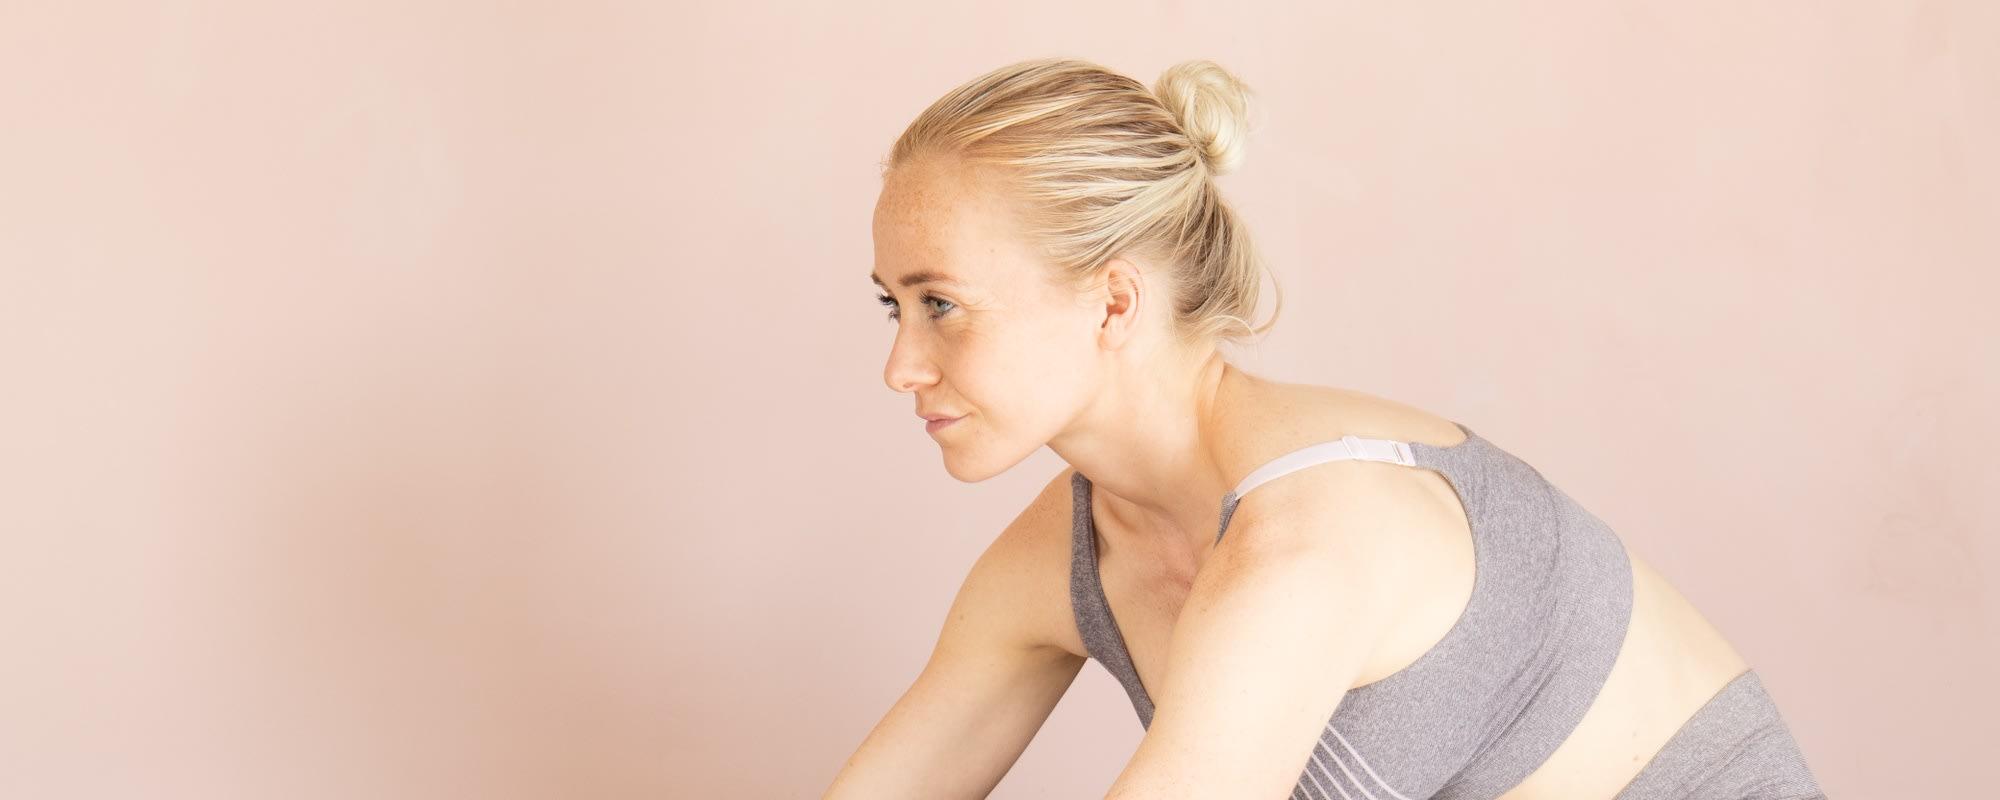 Hvad yoga kan lære os om selvaccept og lykke